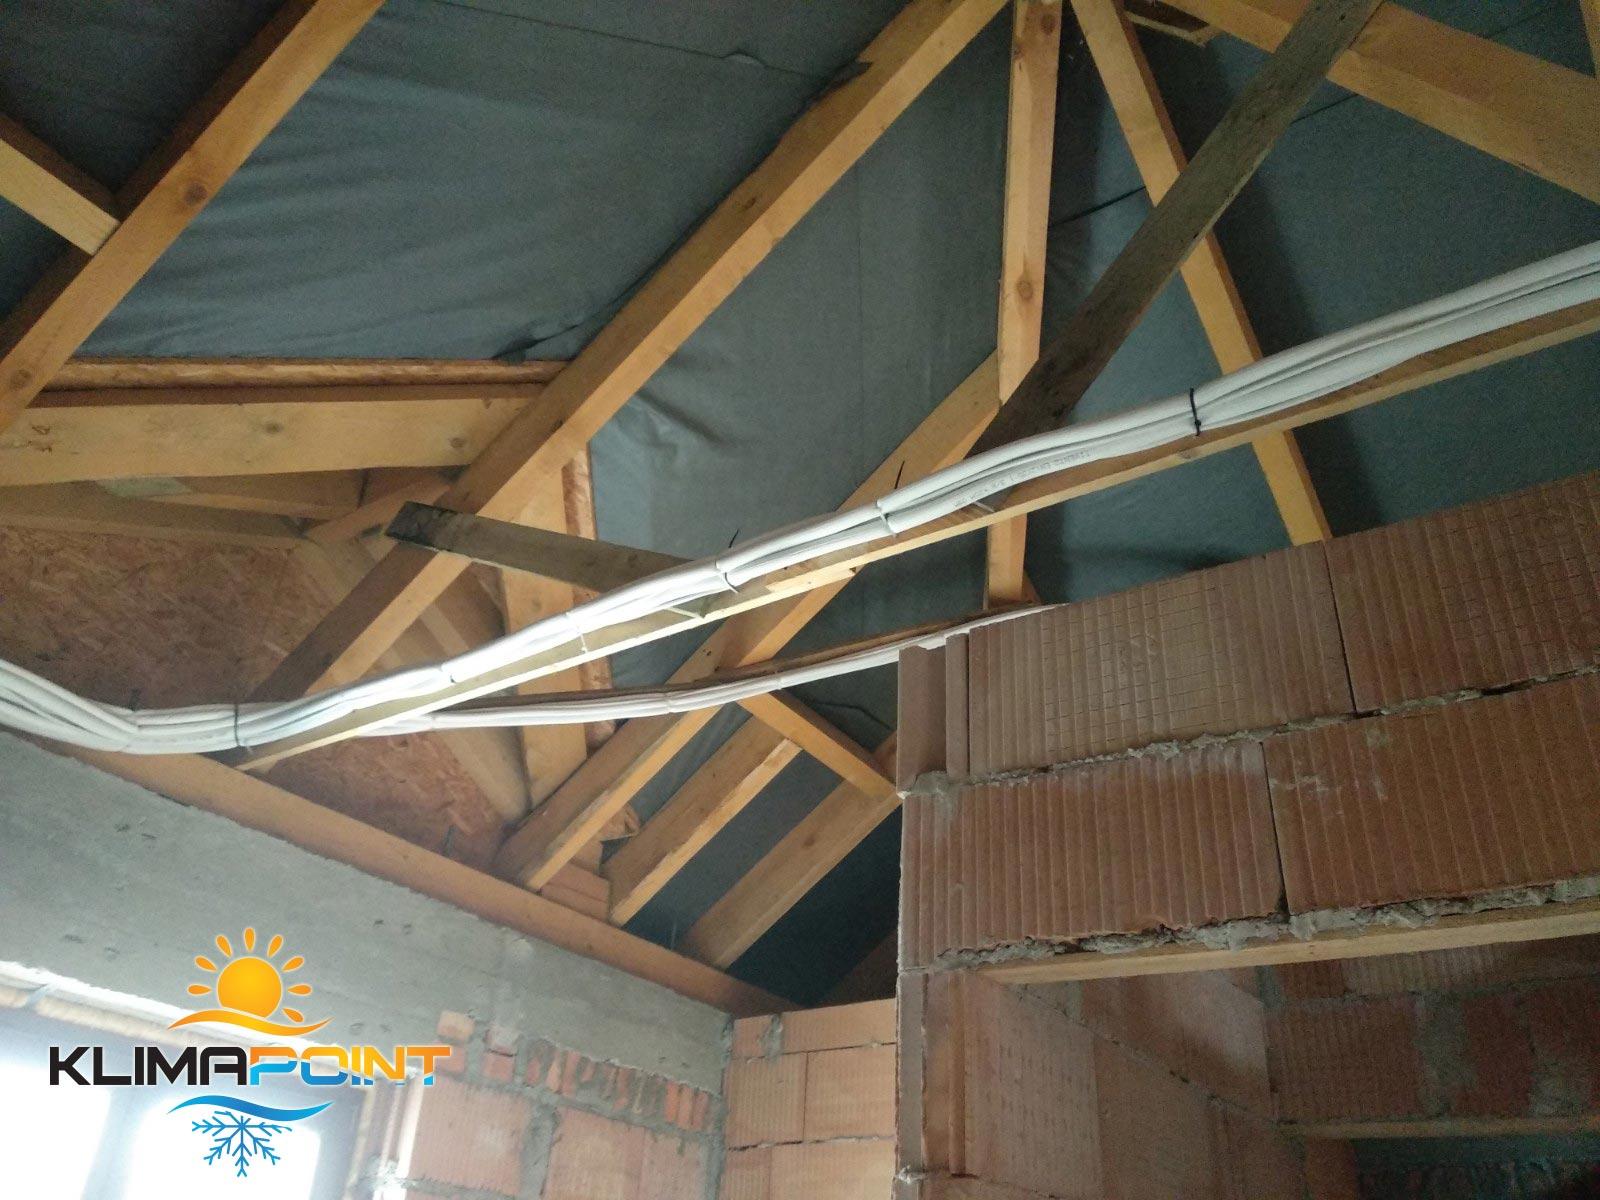 Instalacja chłodnicza klimatyzacji na poddaszu